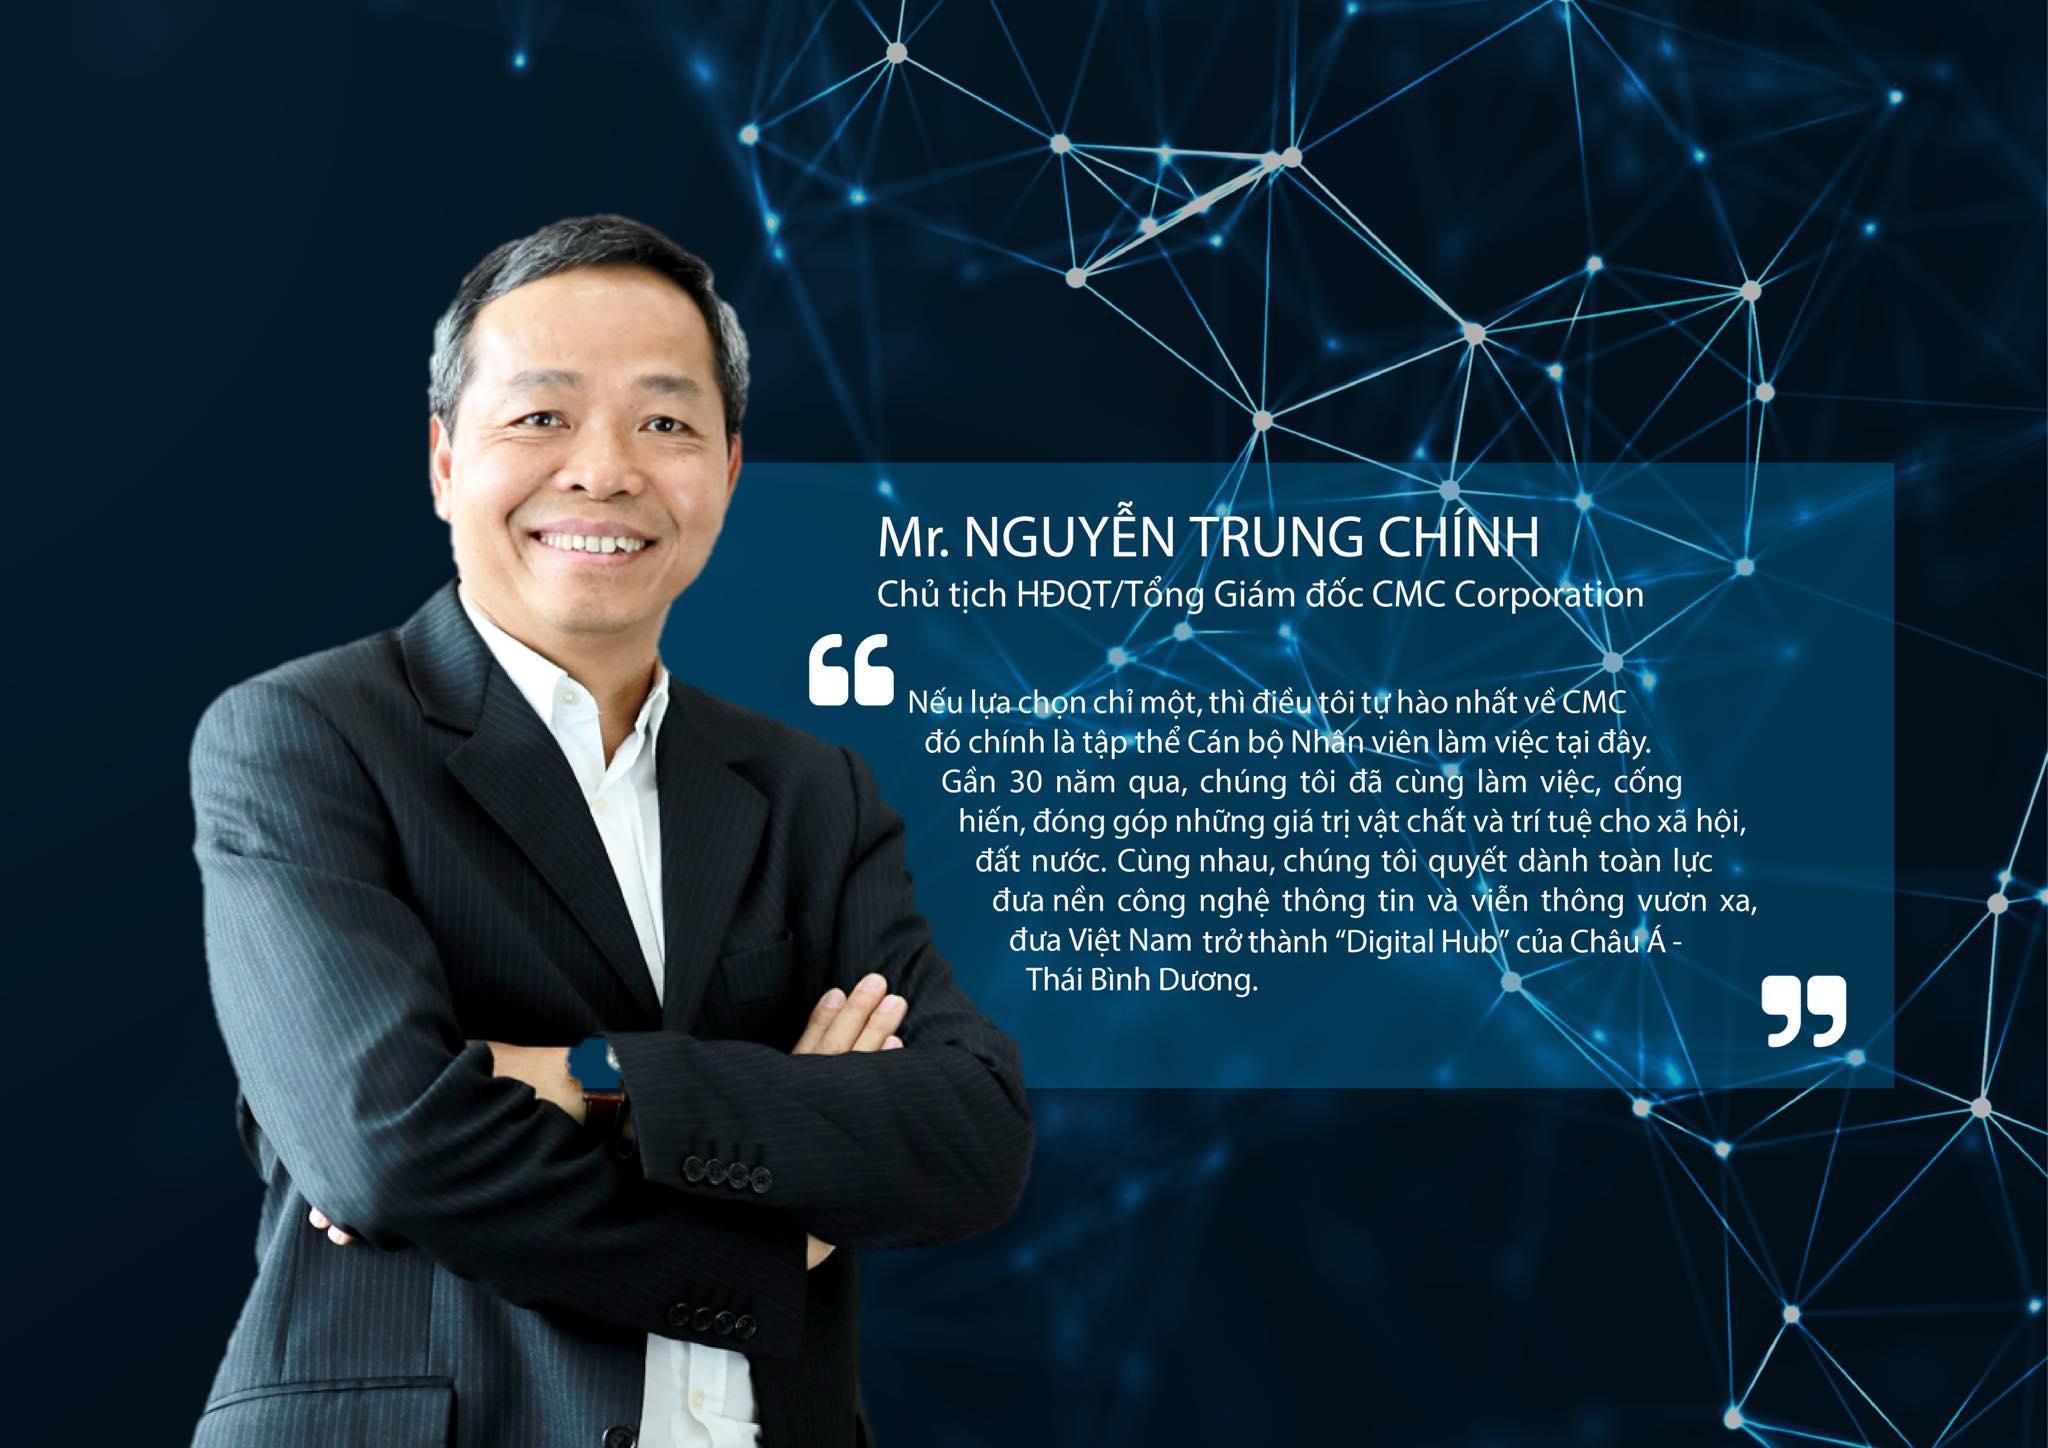 Thư Chủ tịch HĐQT/TGĐ Tập đoàn Công nghệ CMC gửi CBNV trong mùa dịch COVID-19